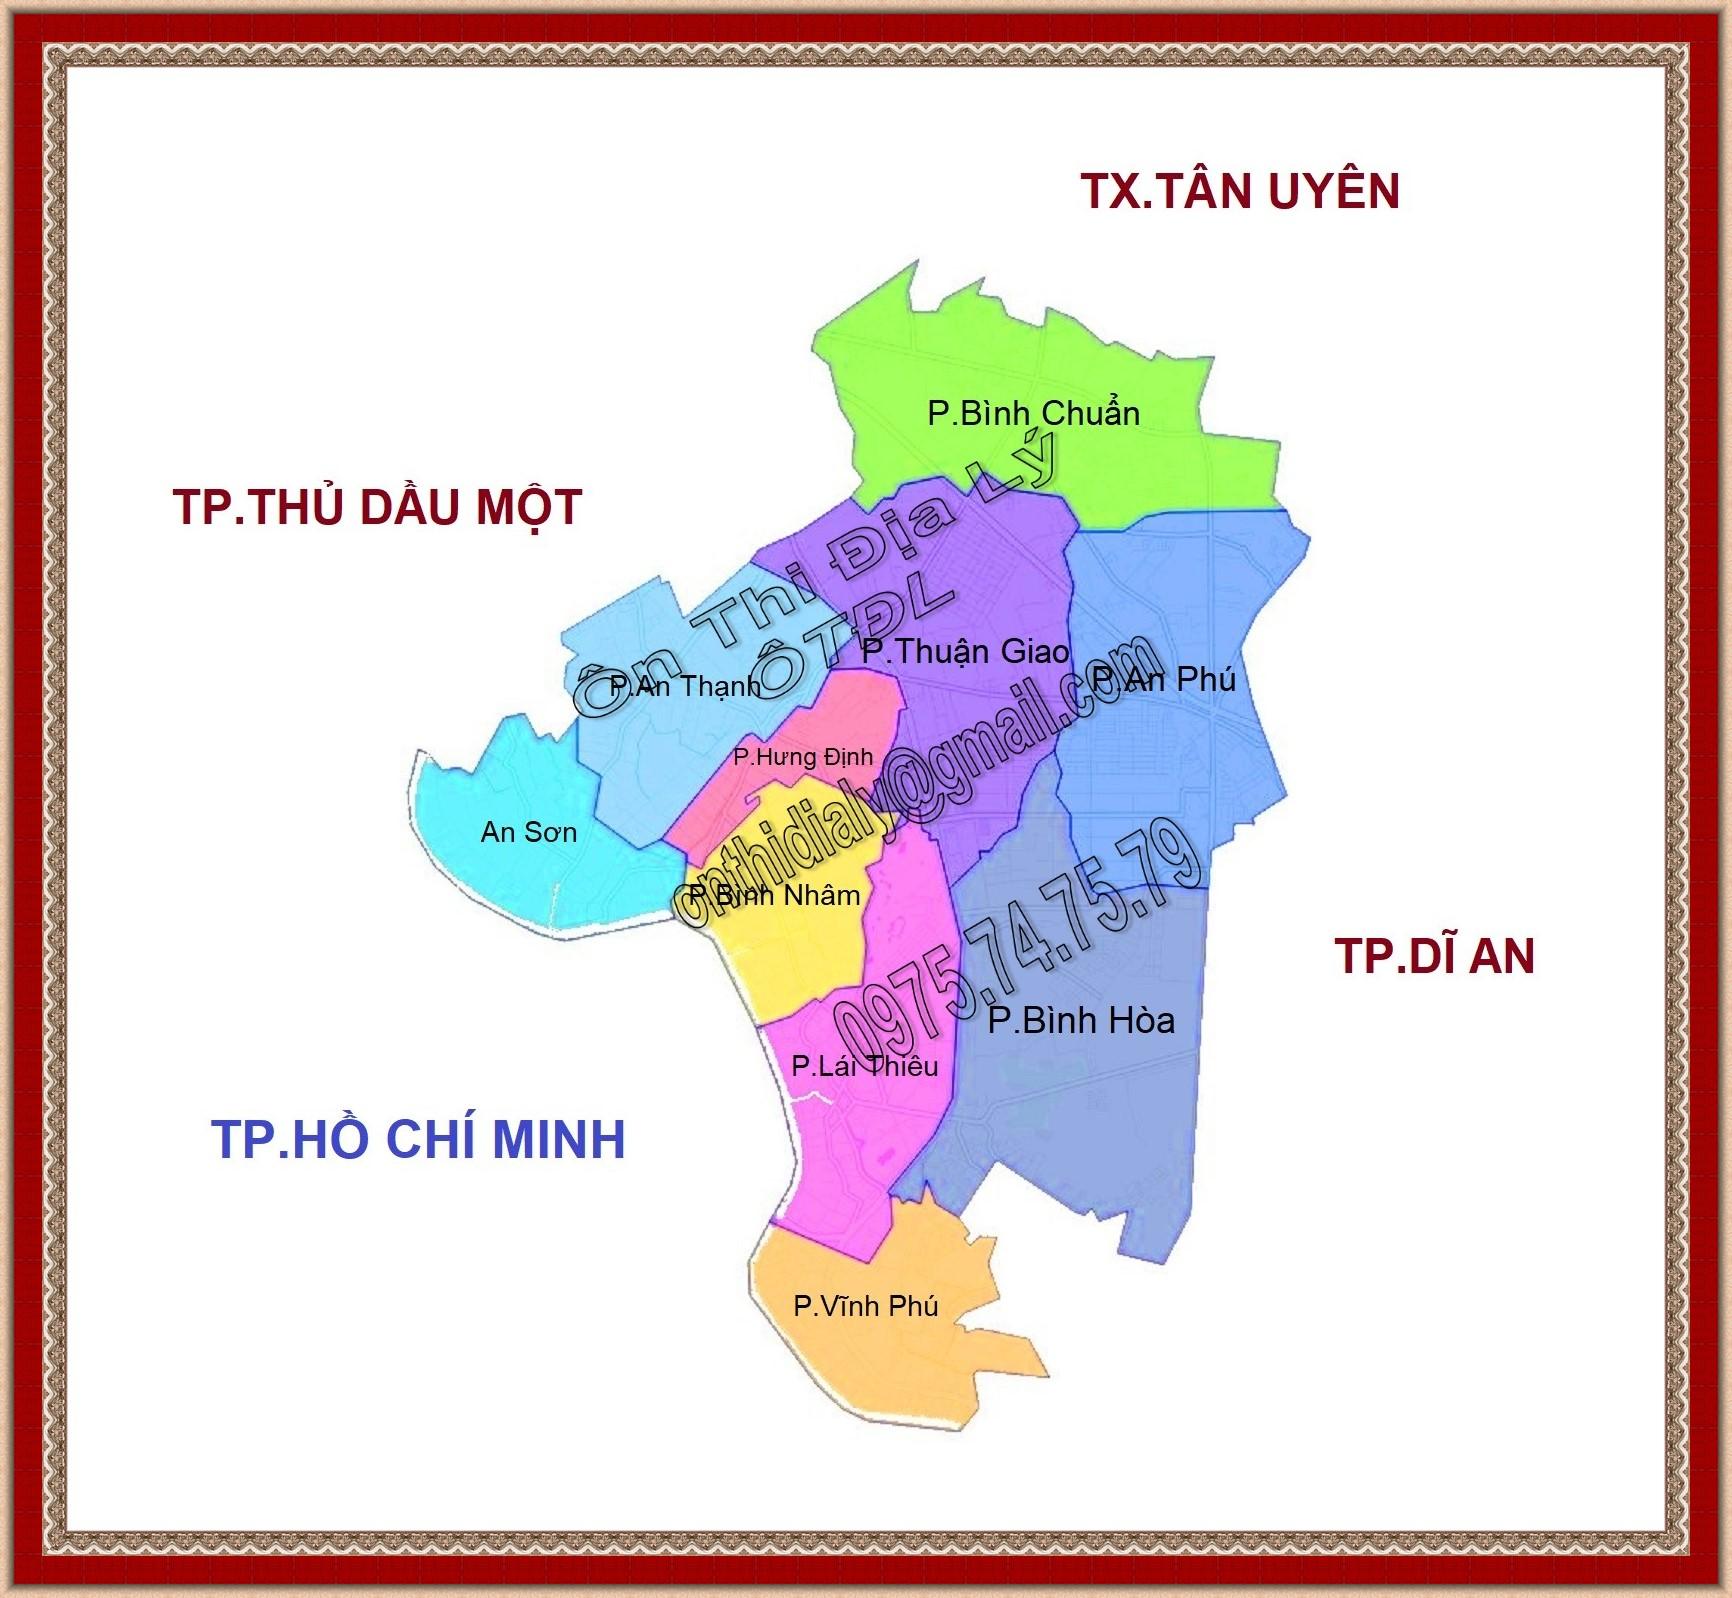 TP.Thuan An - Binh Duong 5